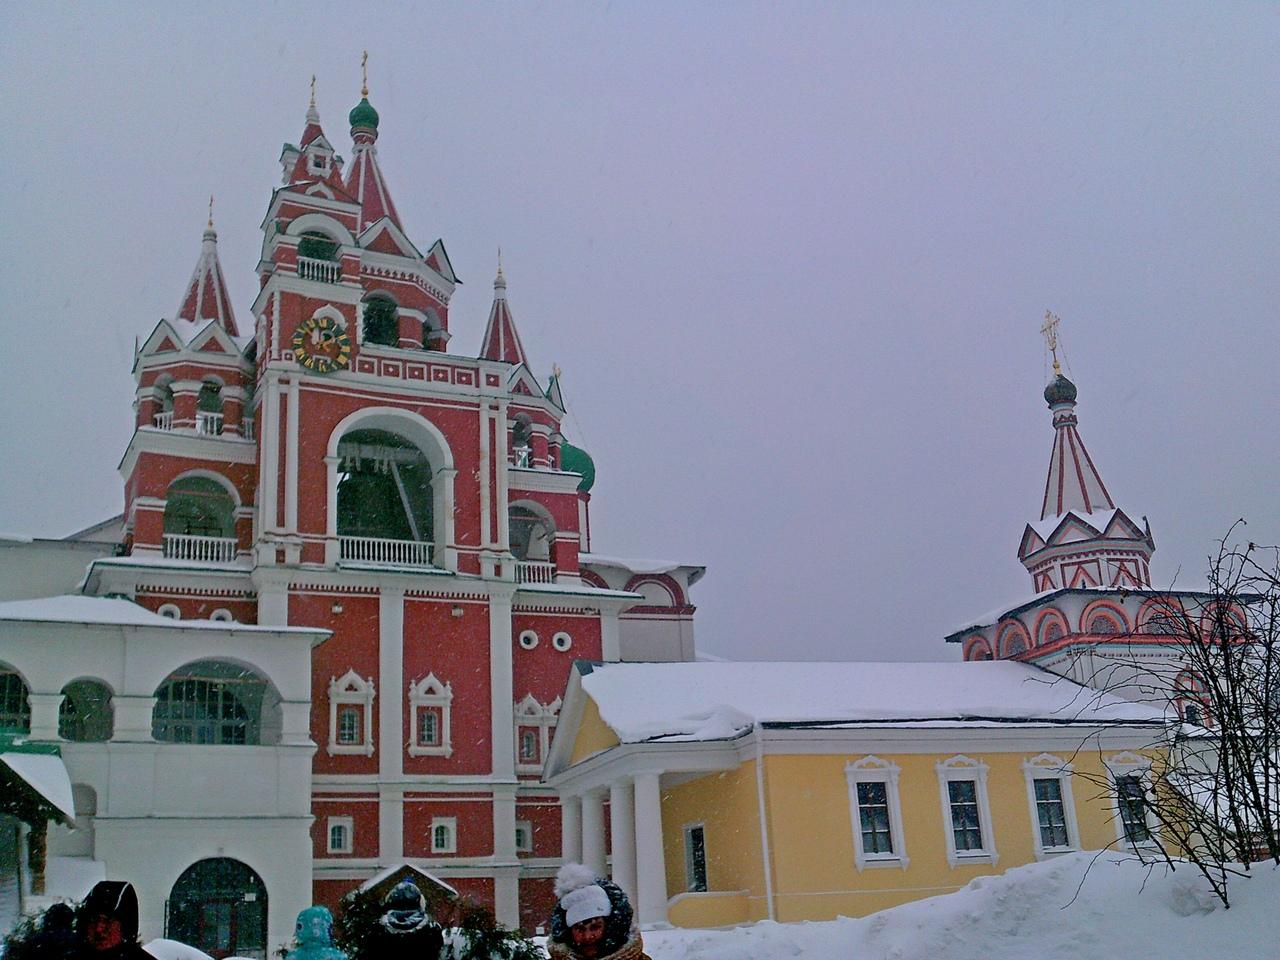 Звенигород. Саввино-Сторожевский монастырь. Крепость царя Алексея Михалыча